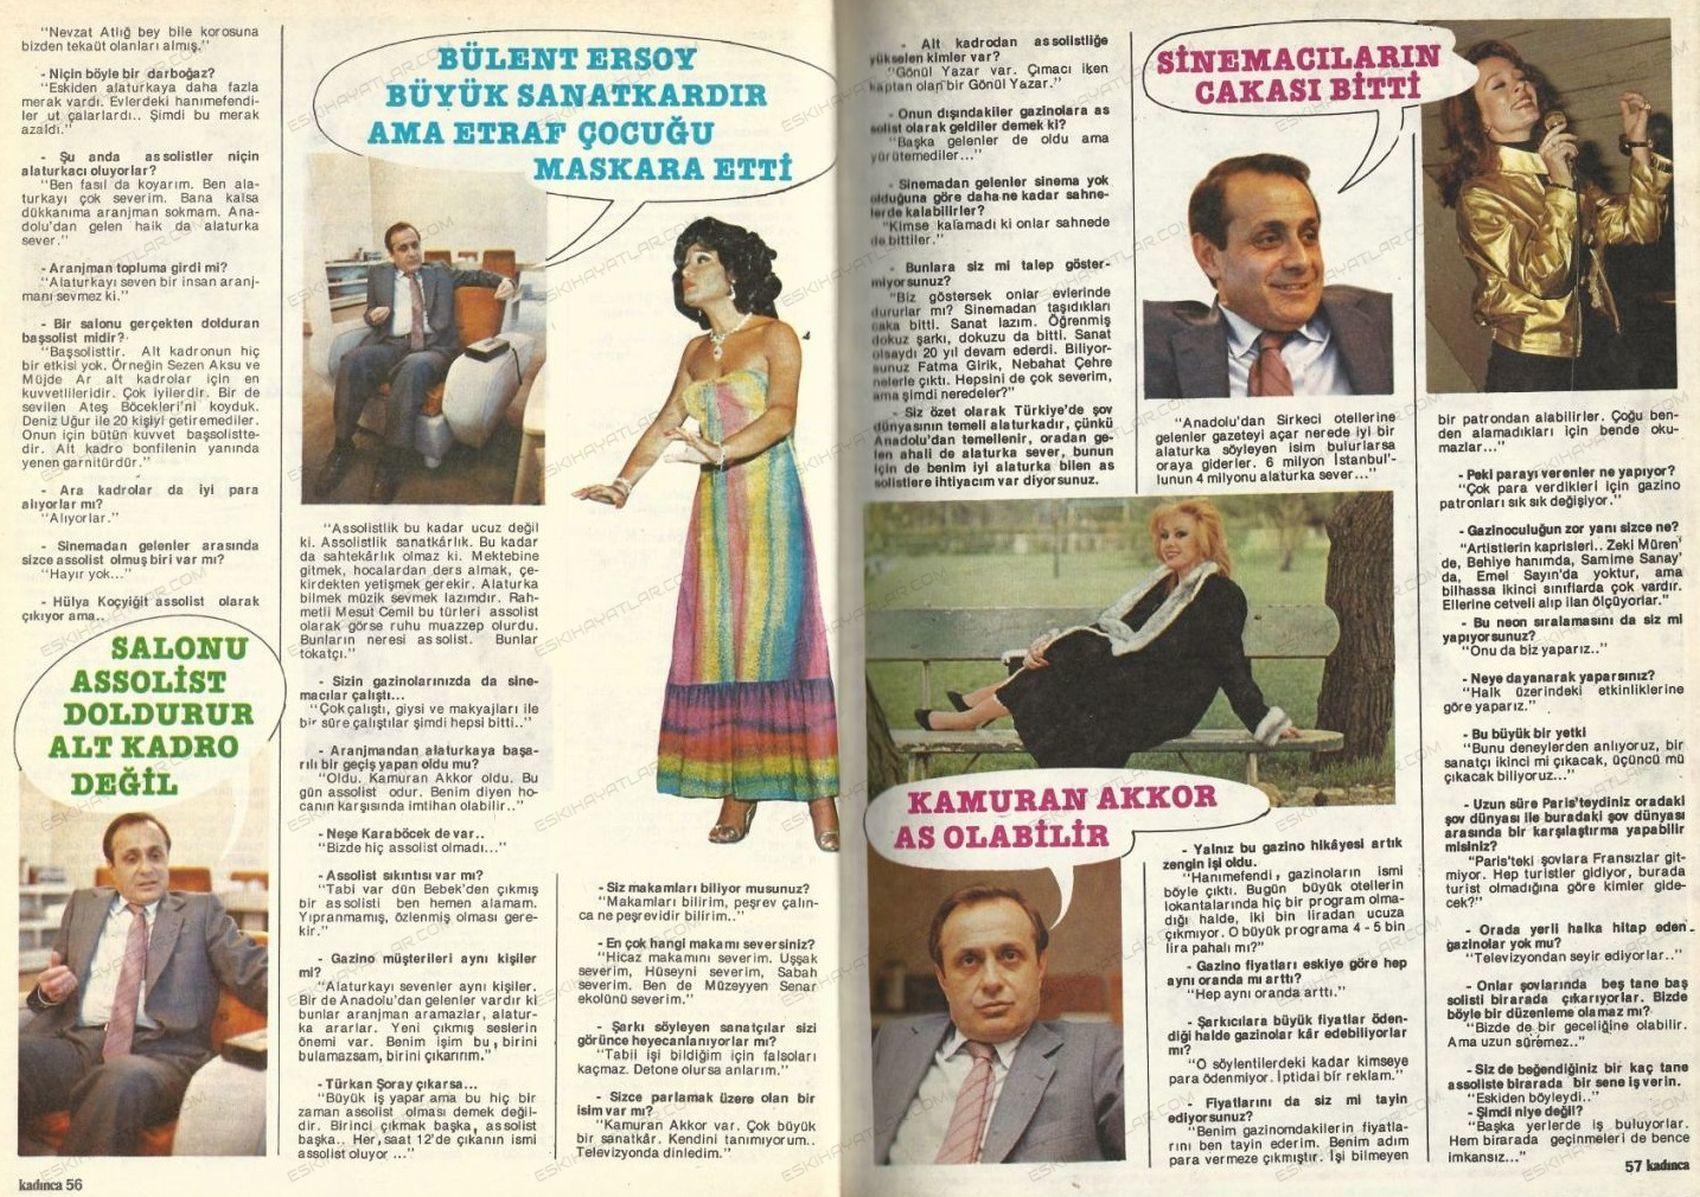 0382-gazinocular-krali-fahrettin-aslan-bulent-ersoy-assolist-muazzez-abaci-gencligi-kamuran-akkor-kimdir-1981-kadinca-dergisi (6)